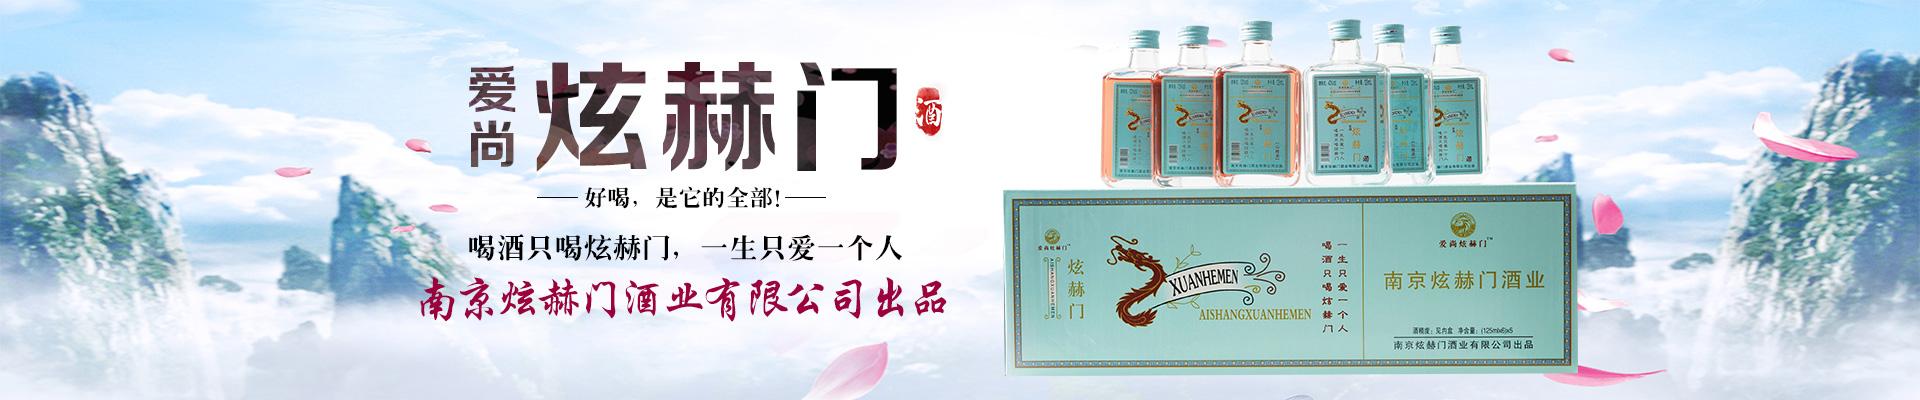 南京炫赫门酒业有限公司